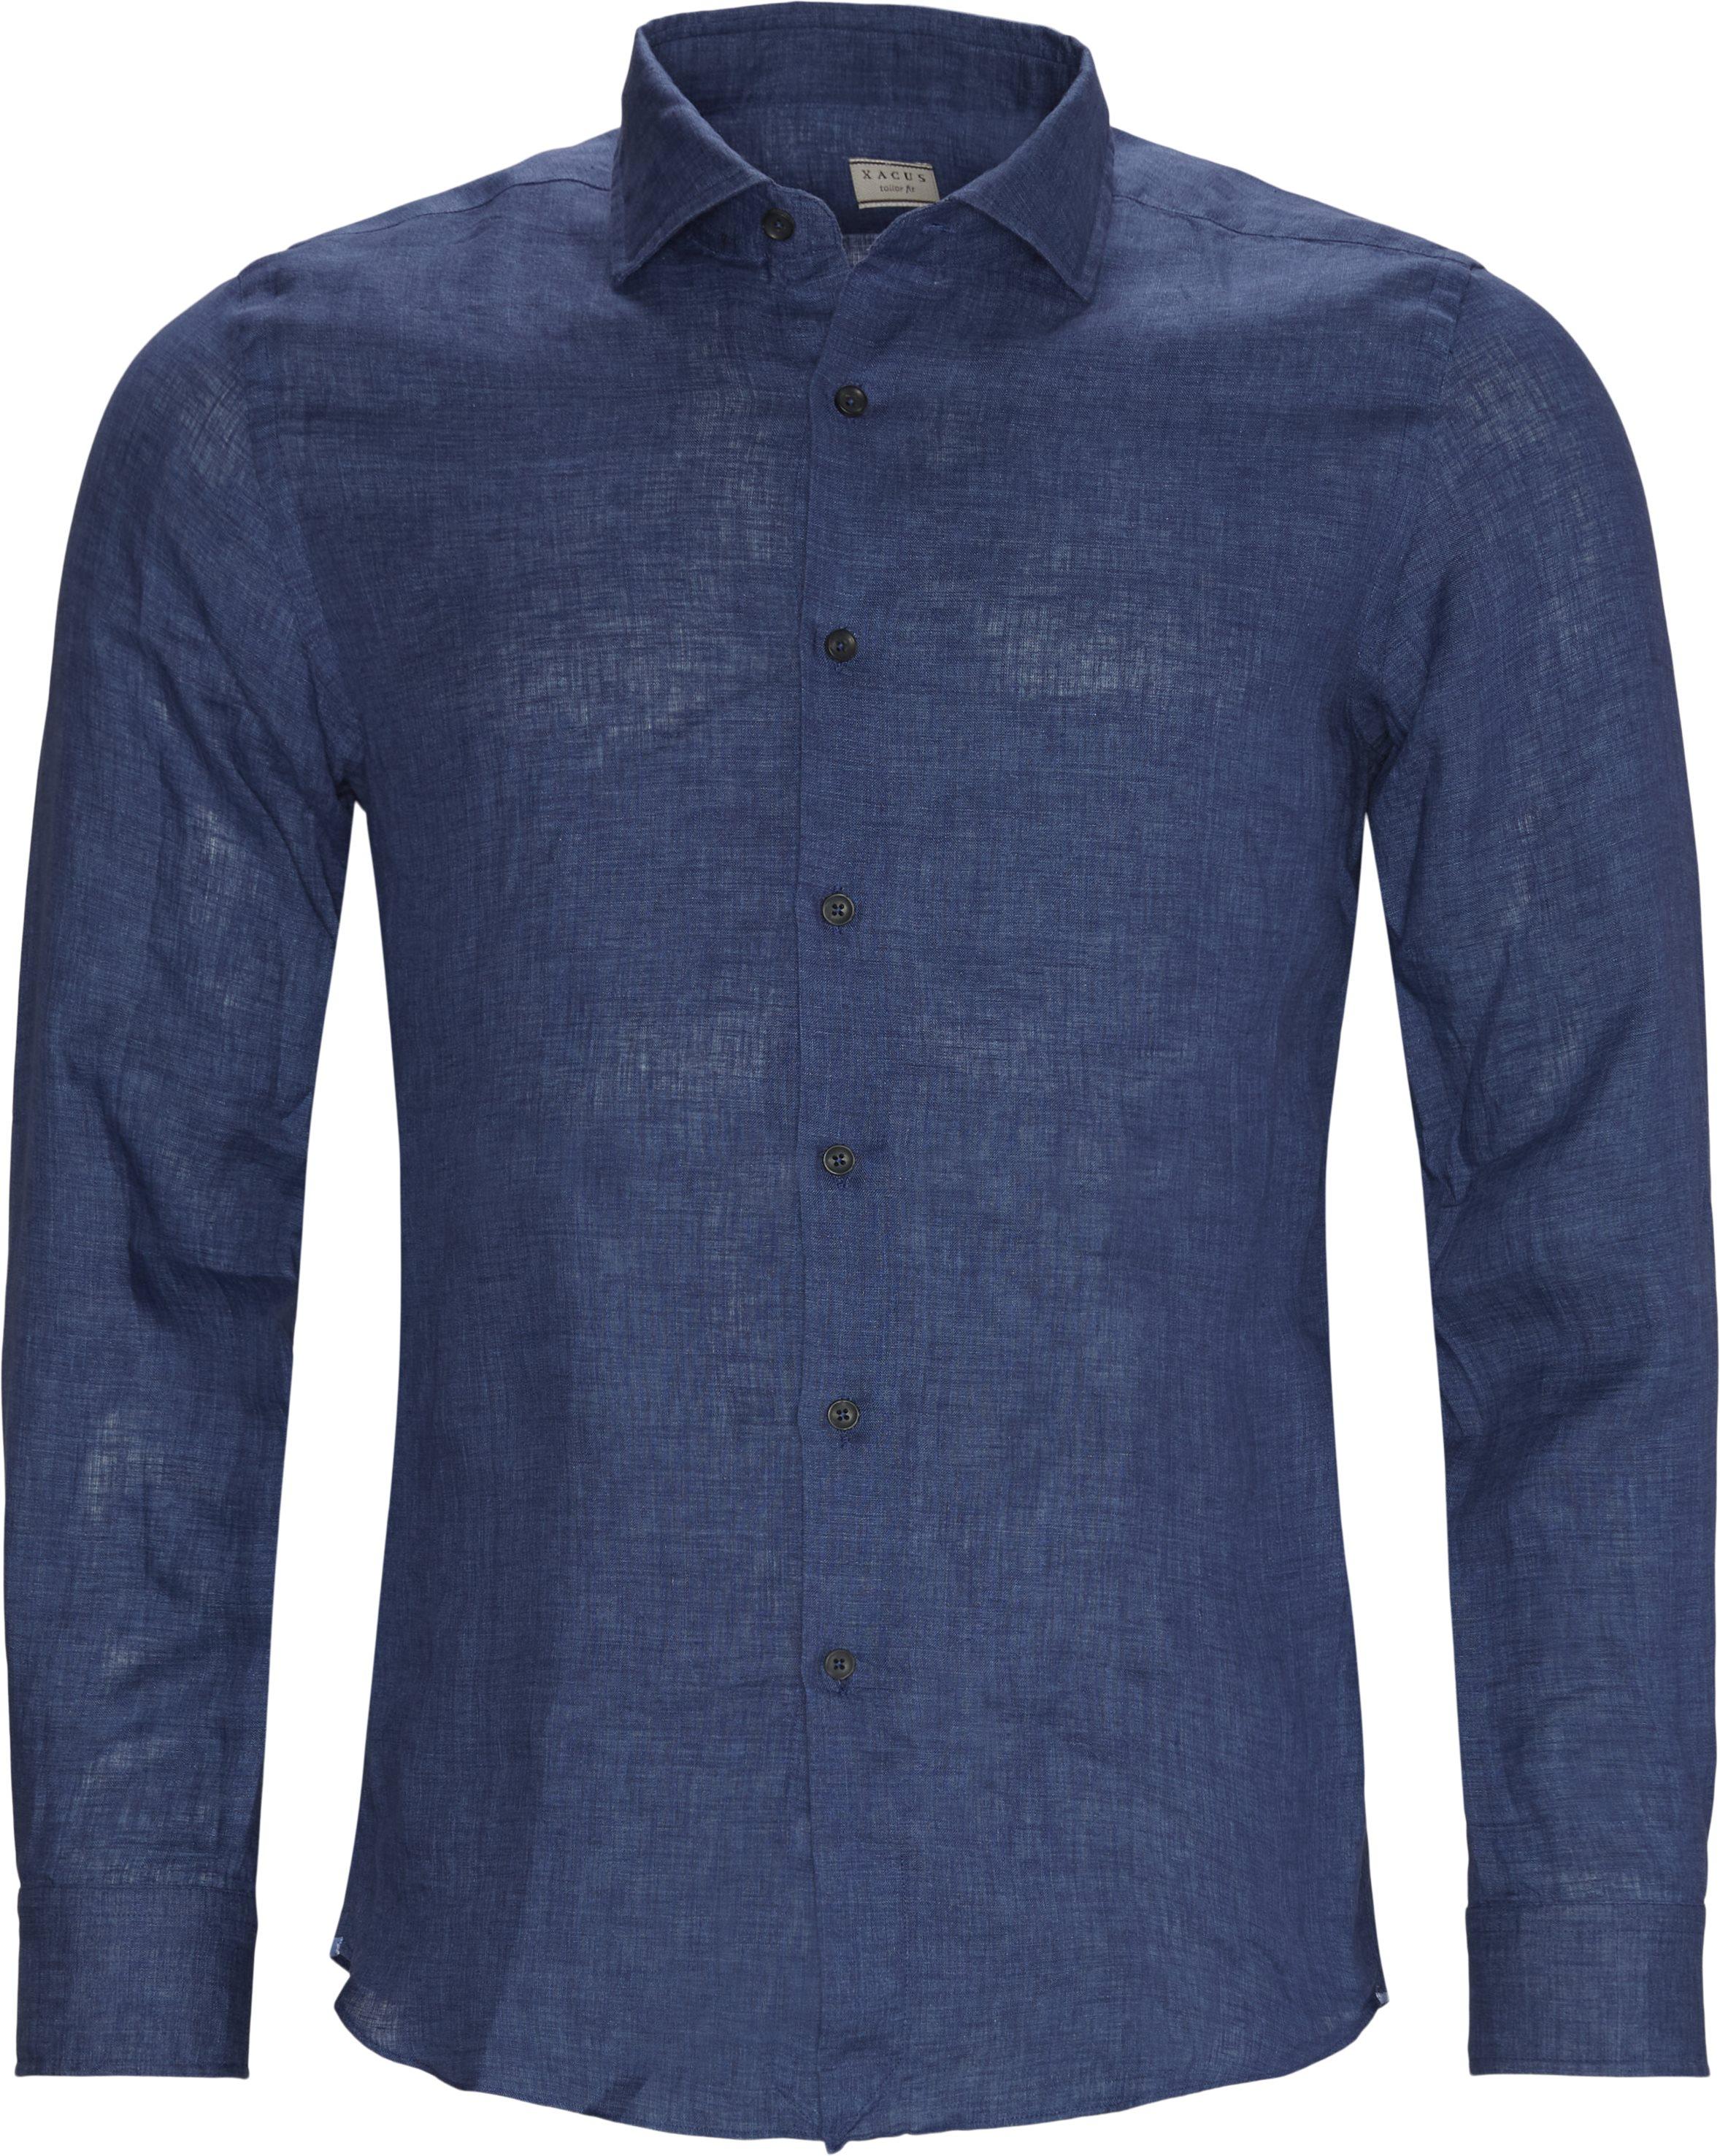 Hør skjorte - Skjorter - Tailored fit - Blå